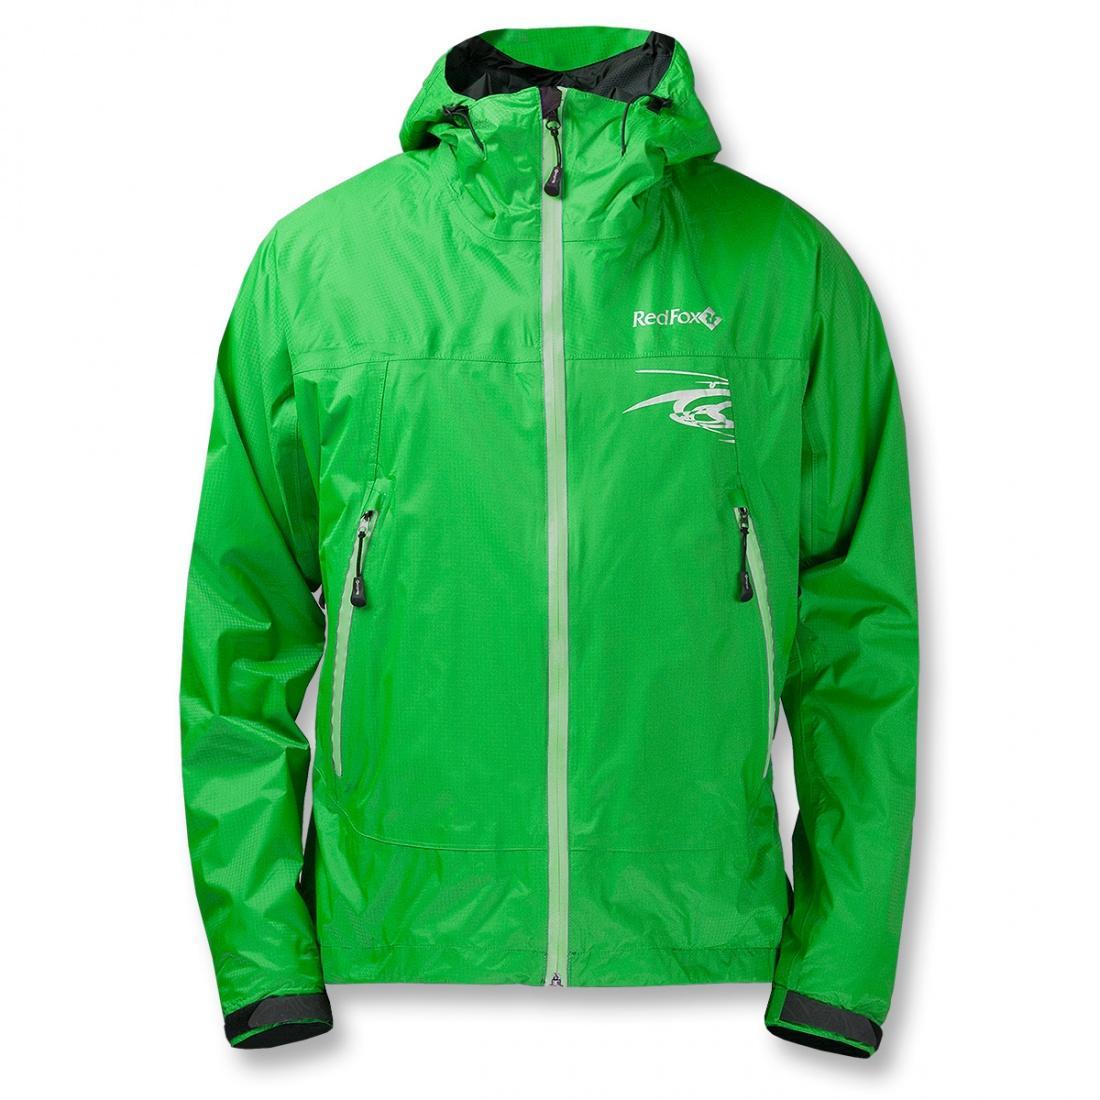 Куртка ветрозащитная Trek IIКуртки<br><br> Легкая влаго-ветрозащитная куртка для использования в ветреную или дождливую погоду, подойдет как для профессионалов, так и для любителей. Благодаря анатомическому крою и продуманным деталям, куртка обеспечивает необходимую свободу движения во врем...<br><br>Цвет: Зеленый<br>Размер: 56